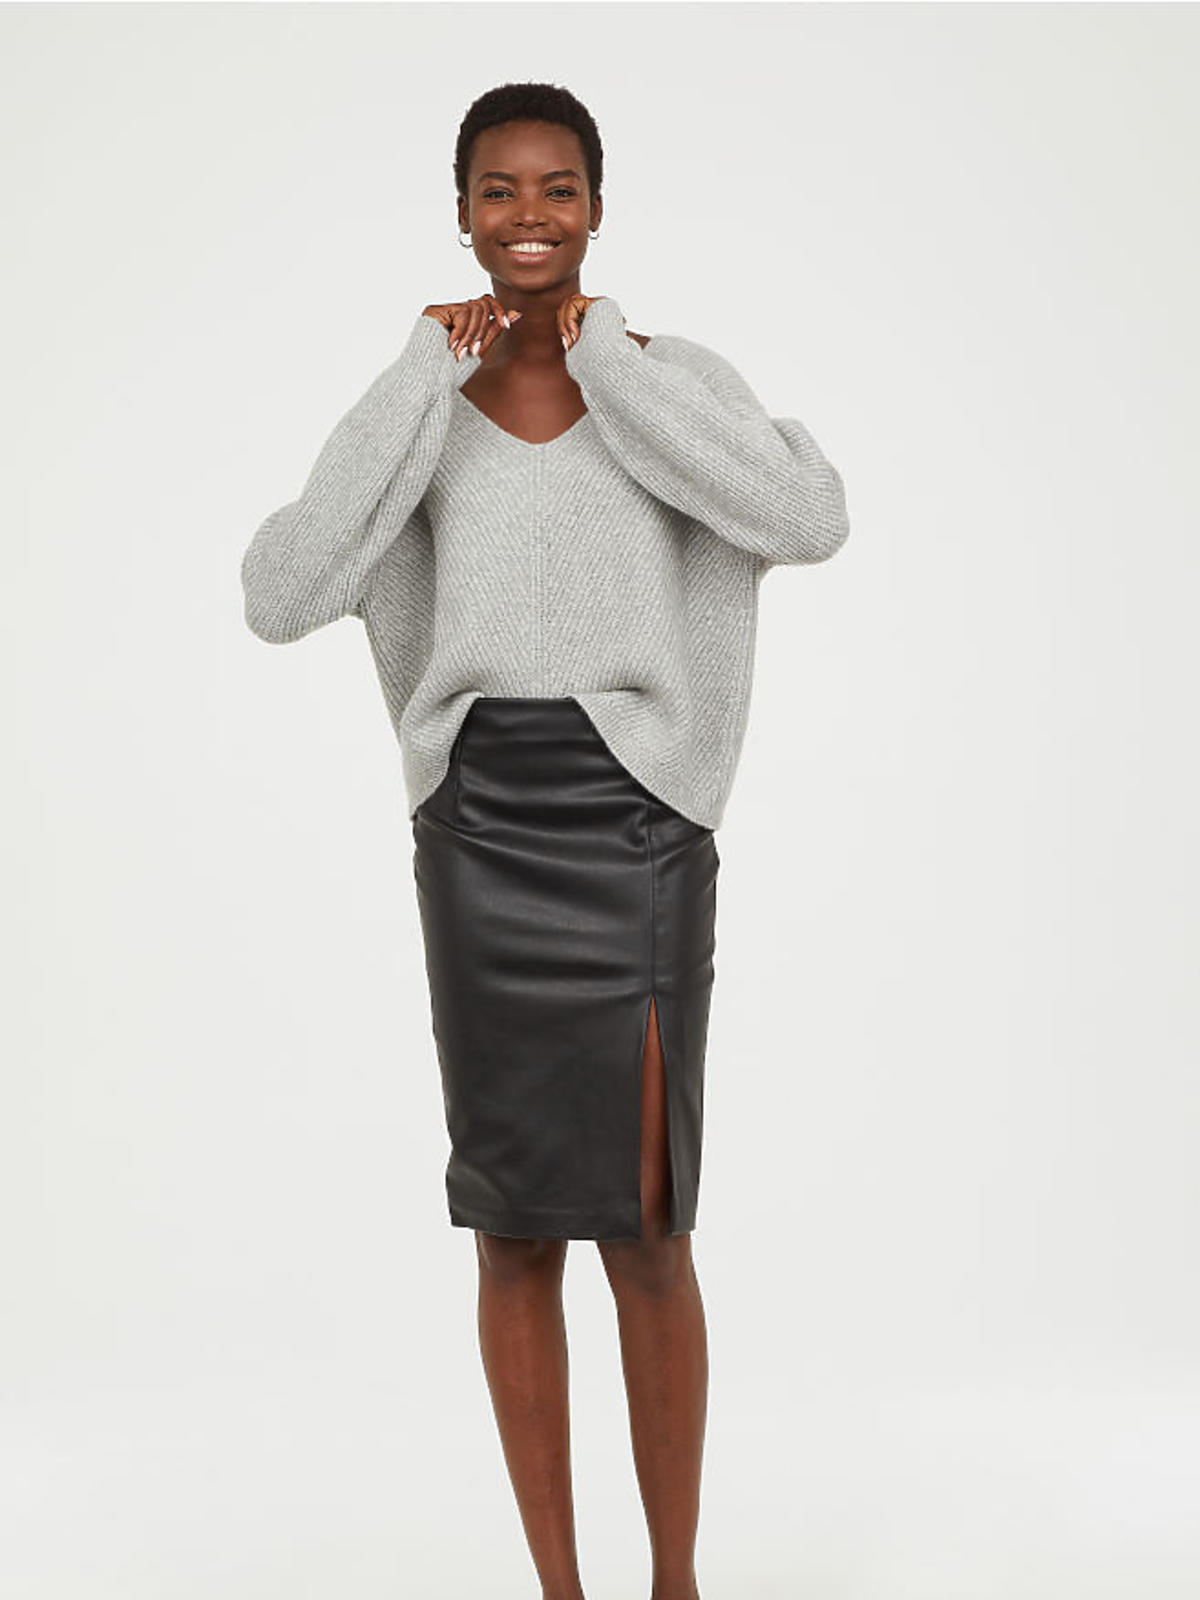 Skórzana spódnica H&M cena 99 zł